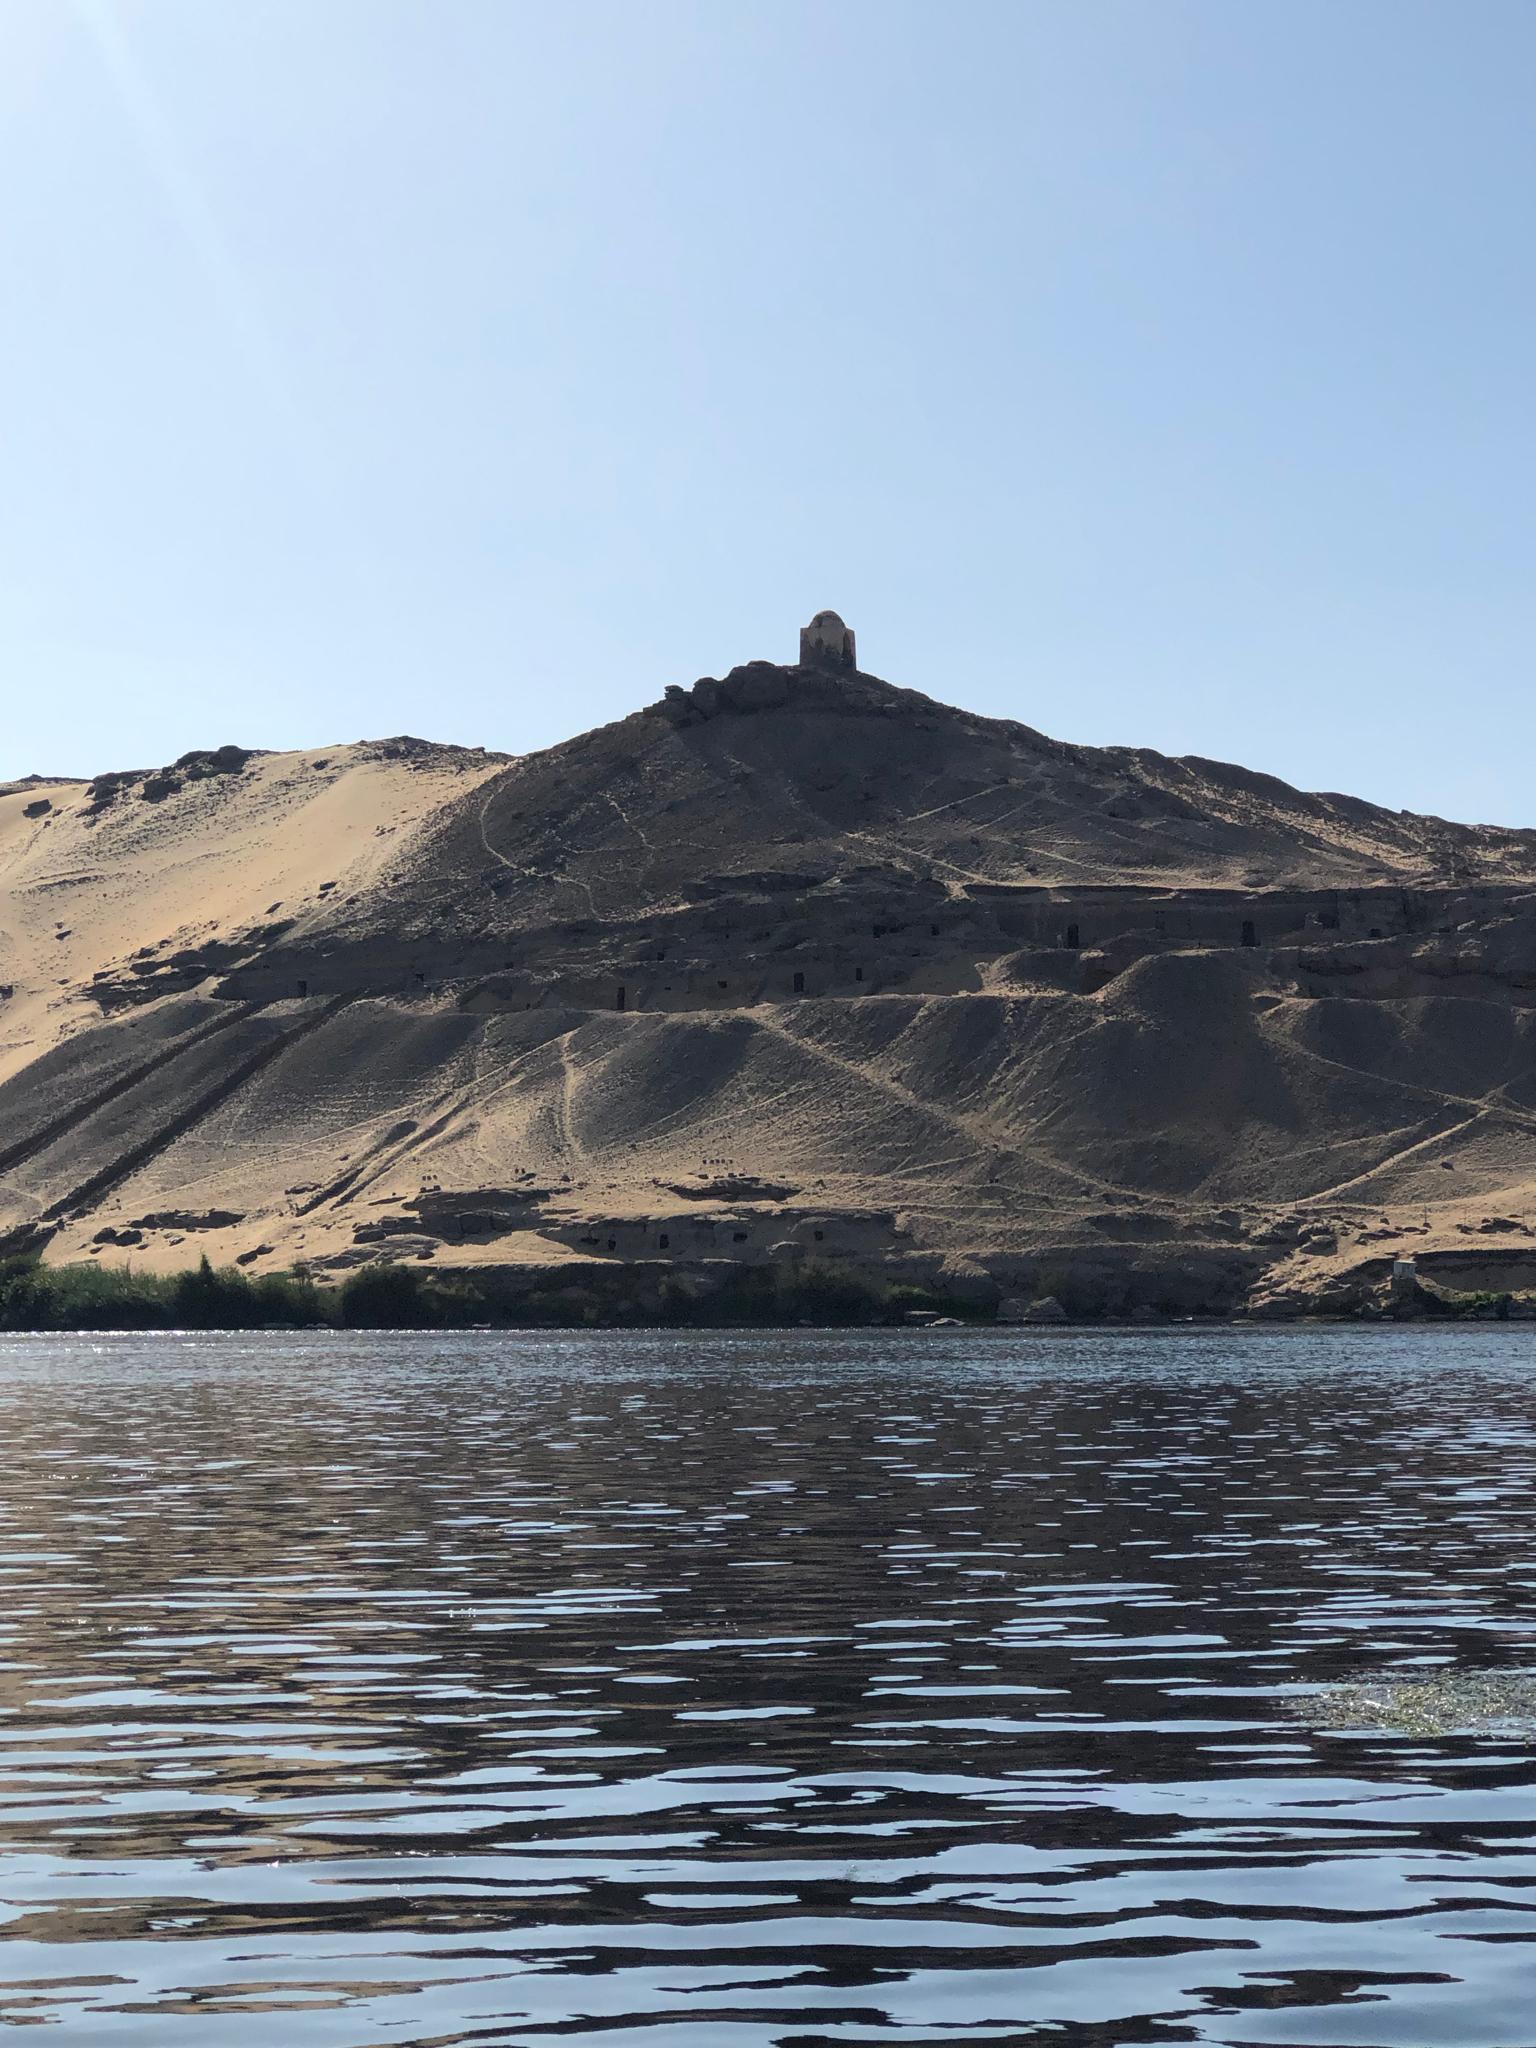 Where the Nile meets the Sahara